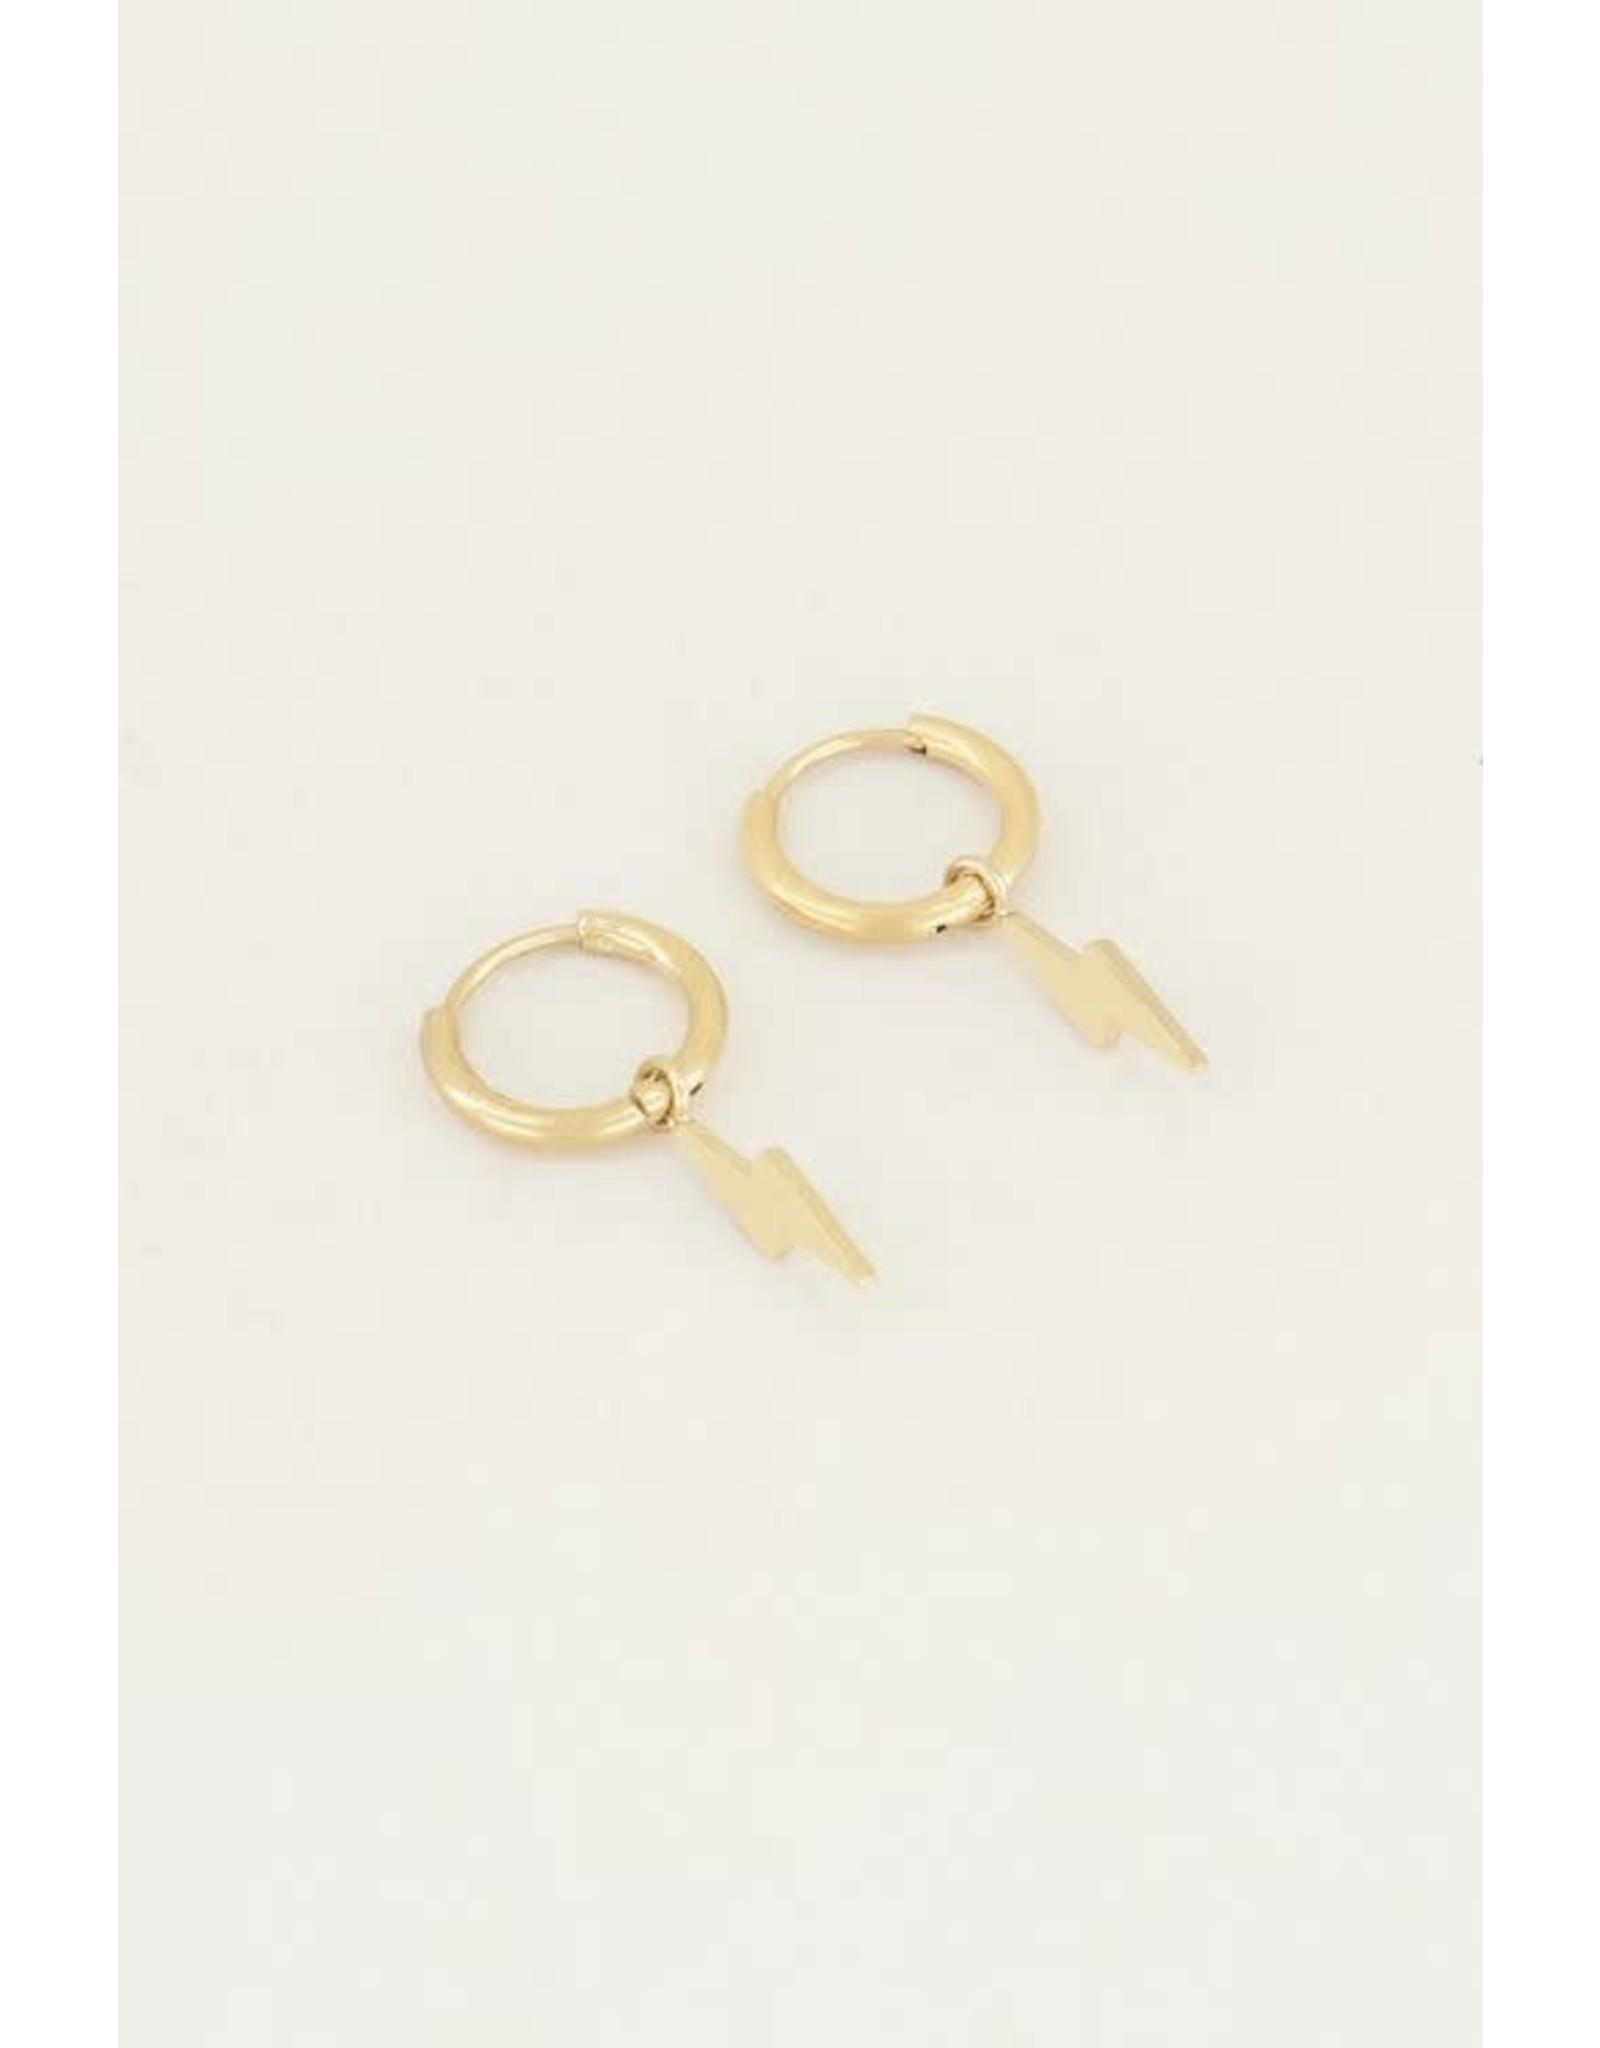 My Jewellery My Jewellery oorring bliksem goud